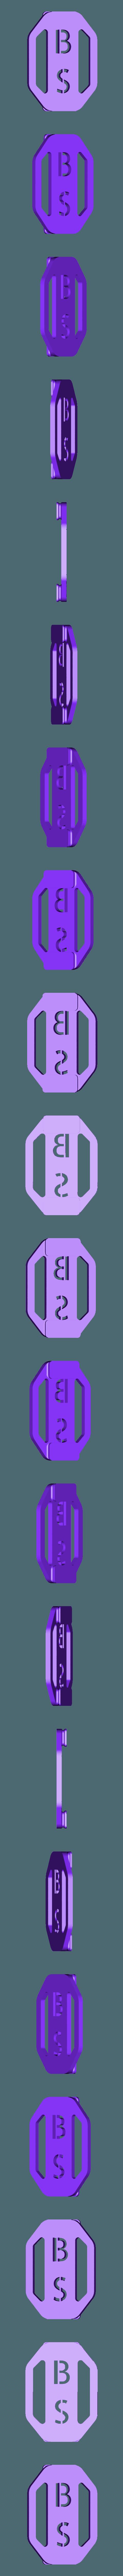 1300mah_LiPo_Pad_-_Lipo_Pad.stl Download free STL file ZMR250 LiPo Battery Pad & Protector - LiPo Battery Protection System • 3D printer object, BananaScience